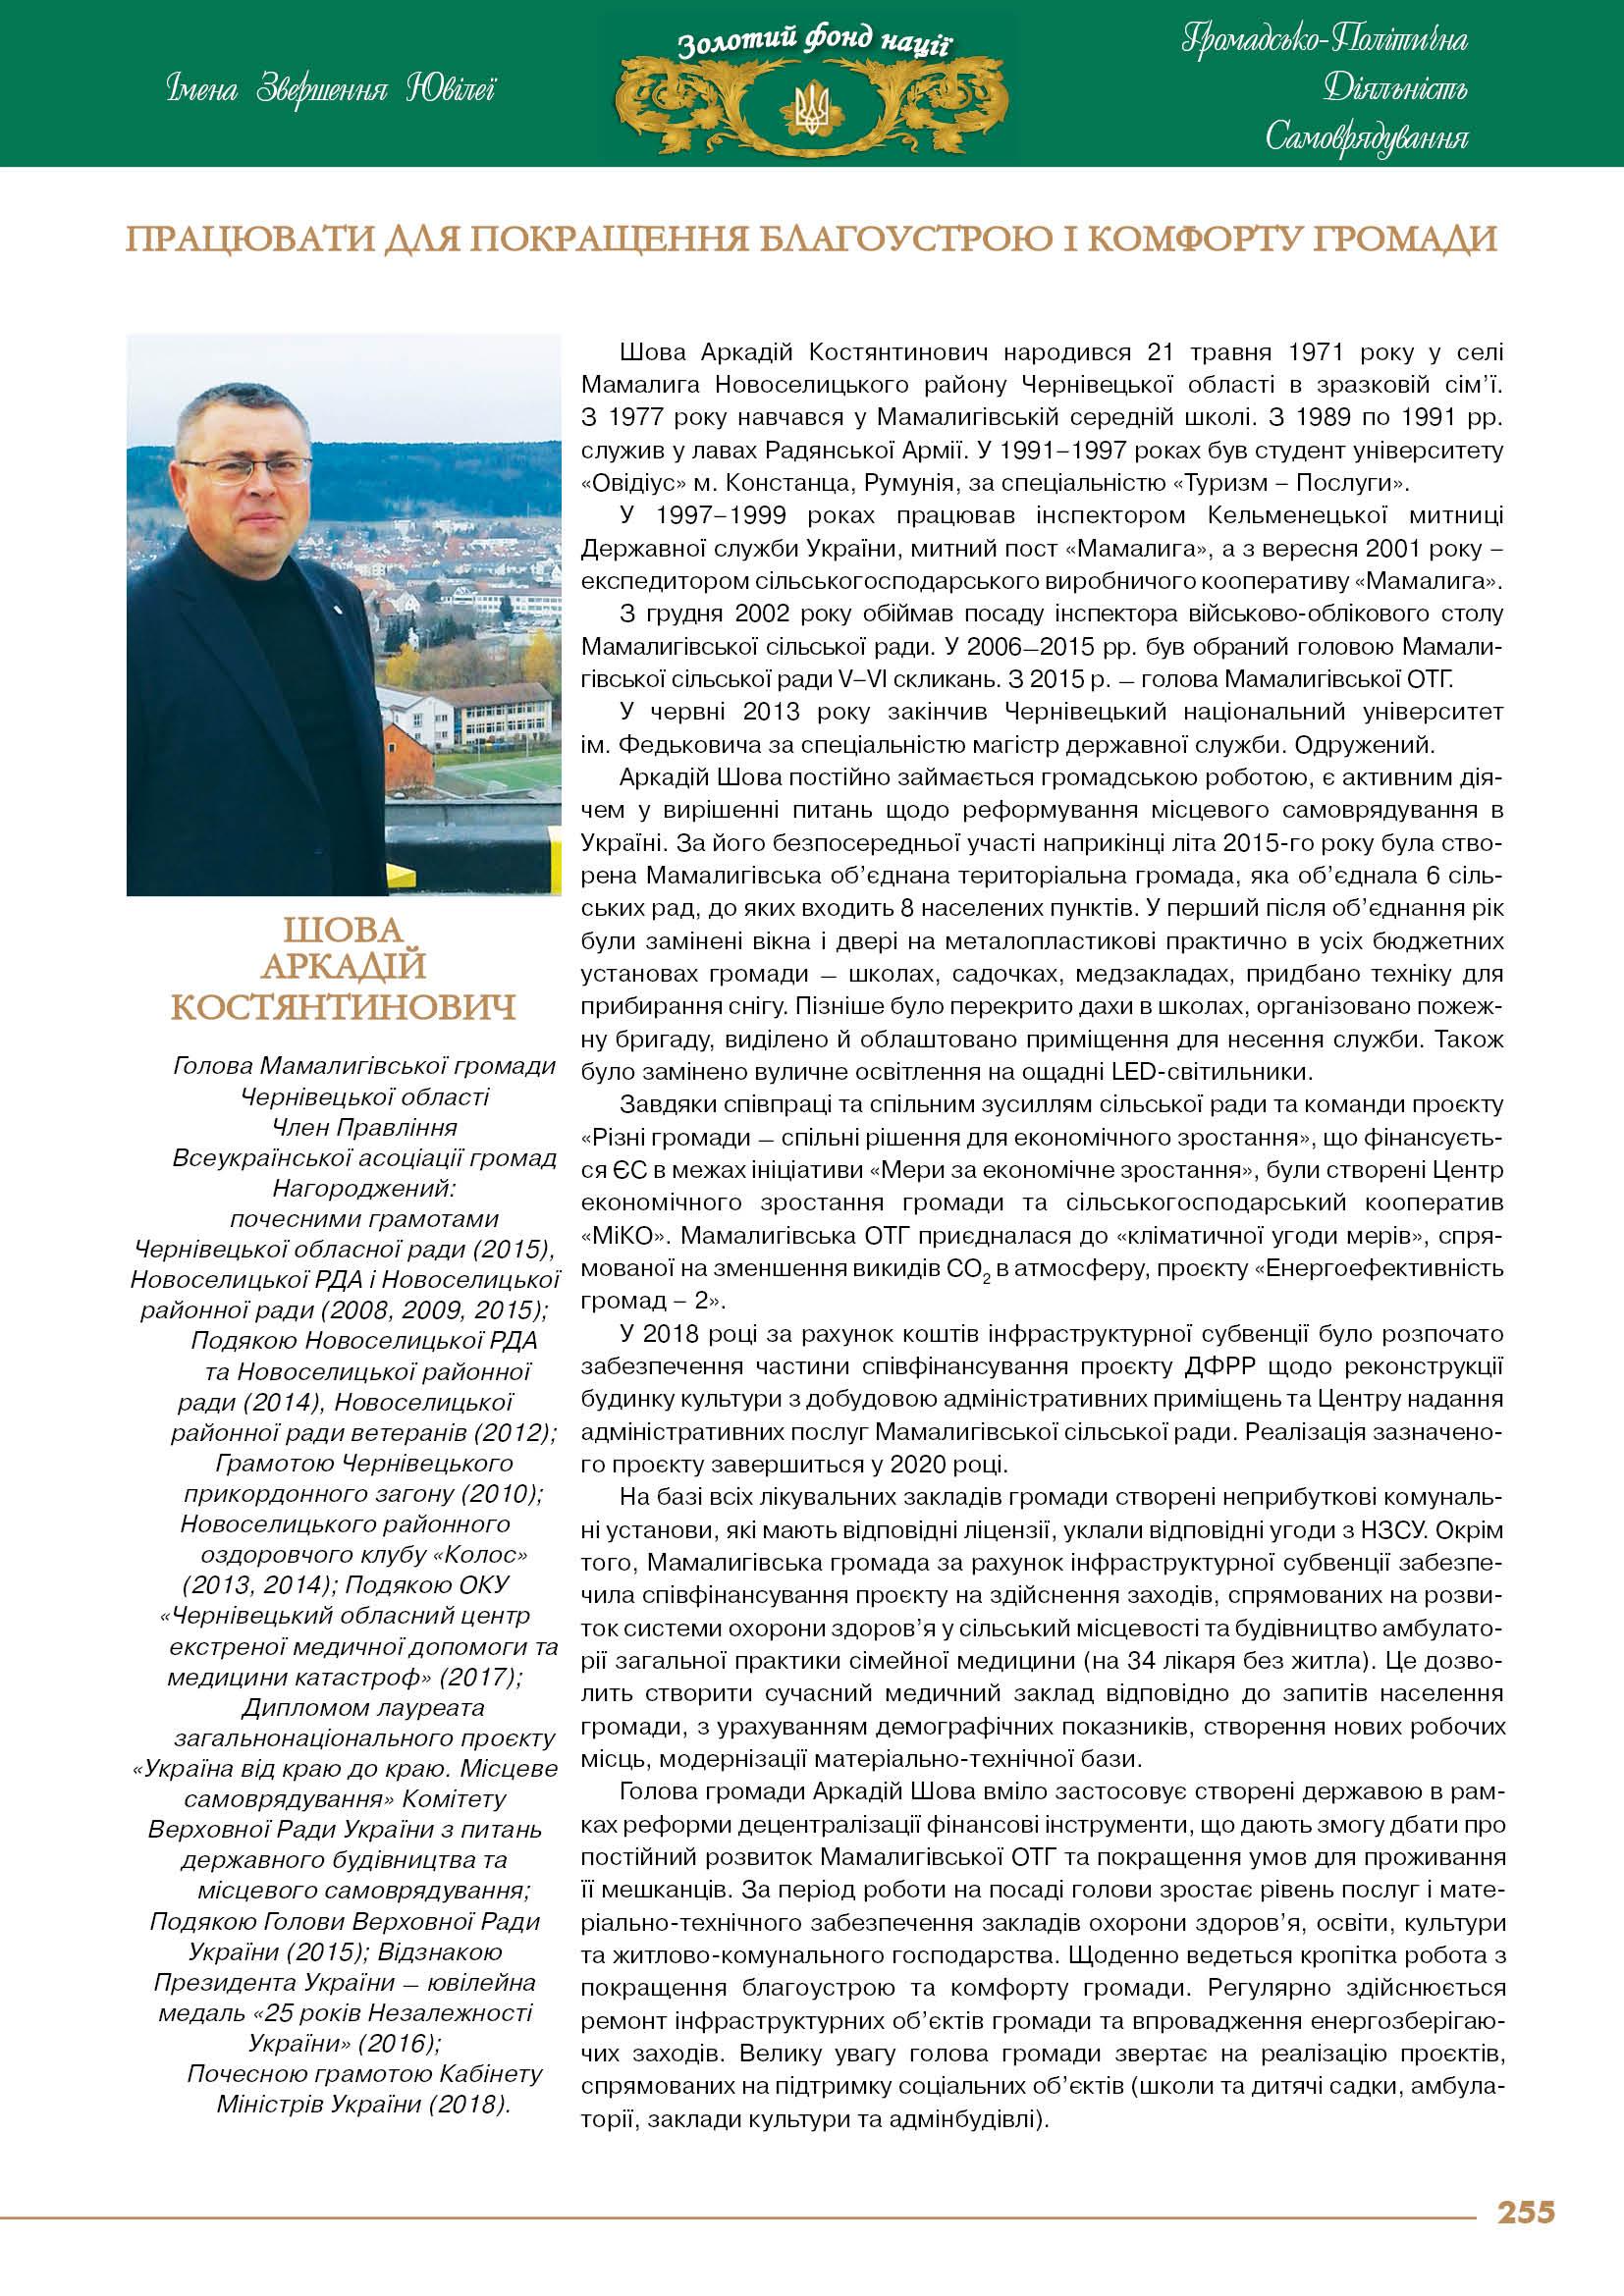 Шова Аркадій Костянтинович